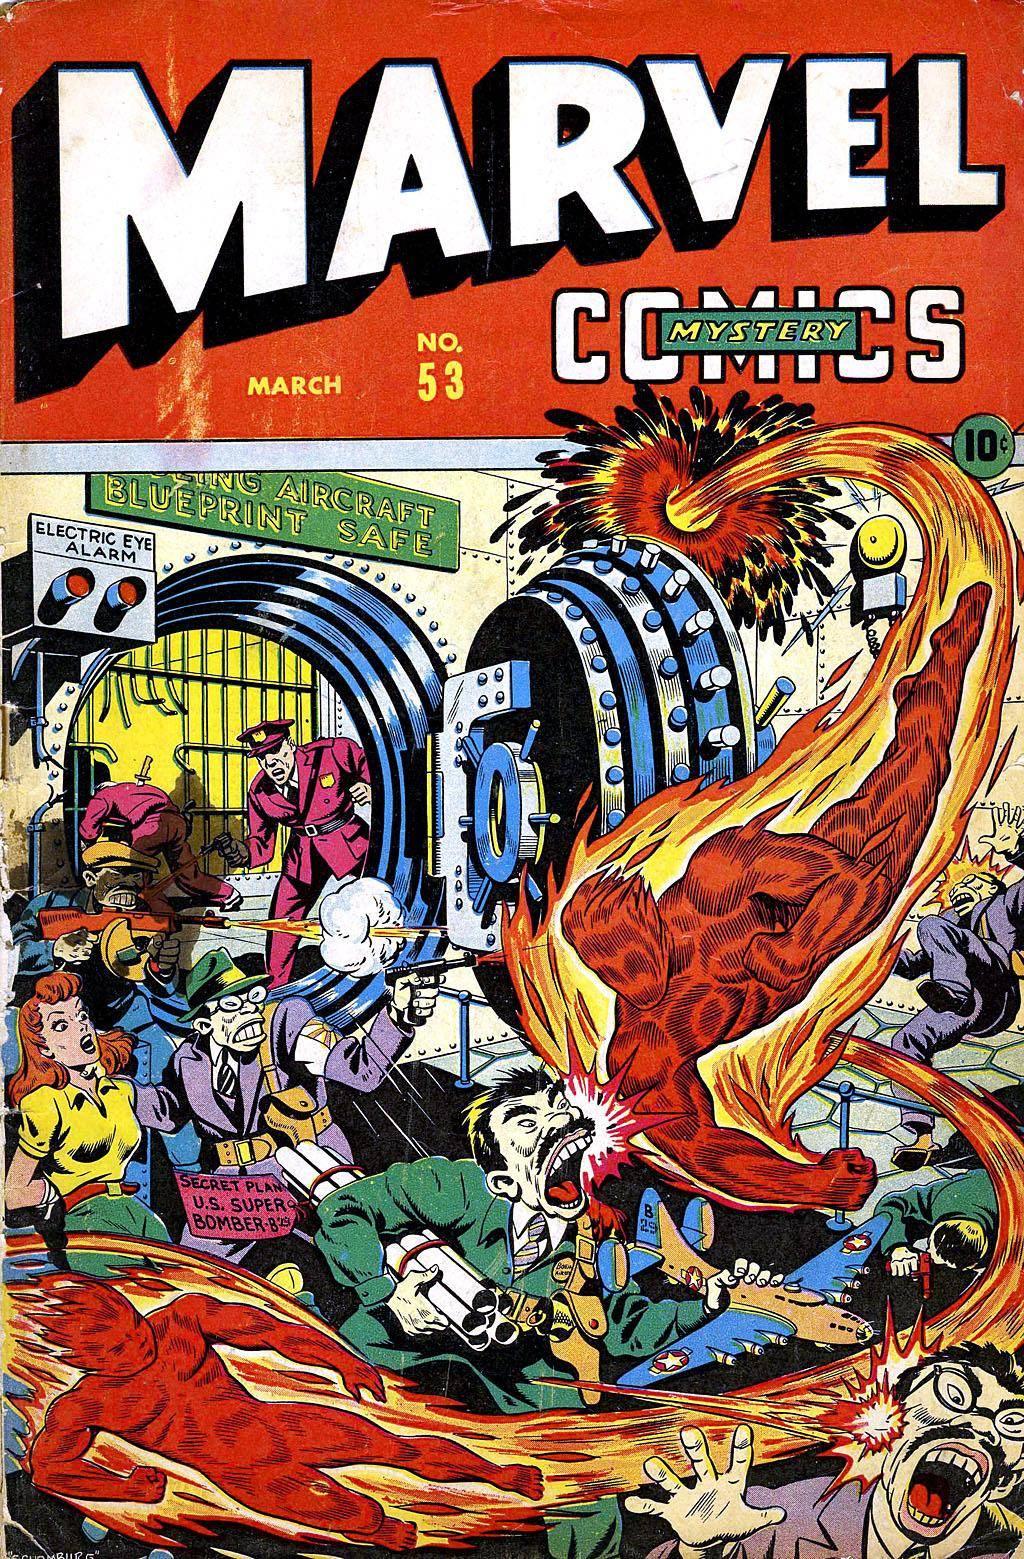 Marvel Mystery Comics v1 053 1944